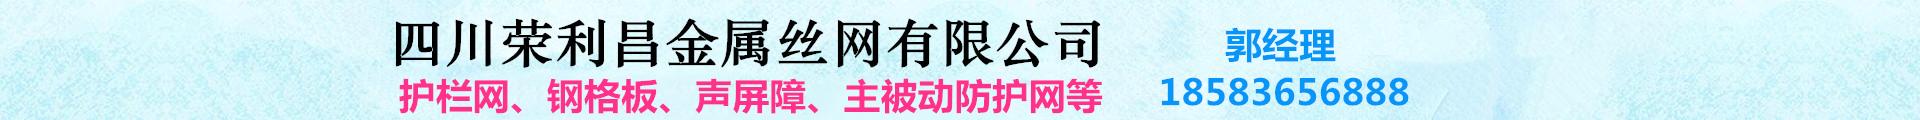 四川荣利昌金属丝网有限公司